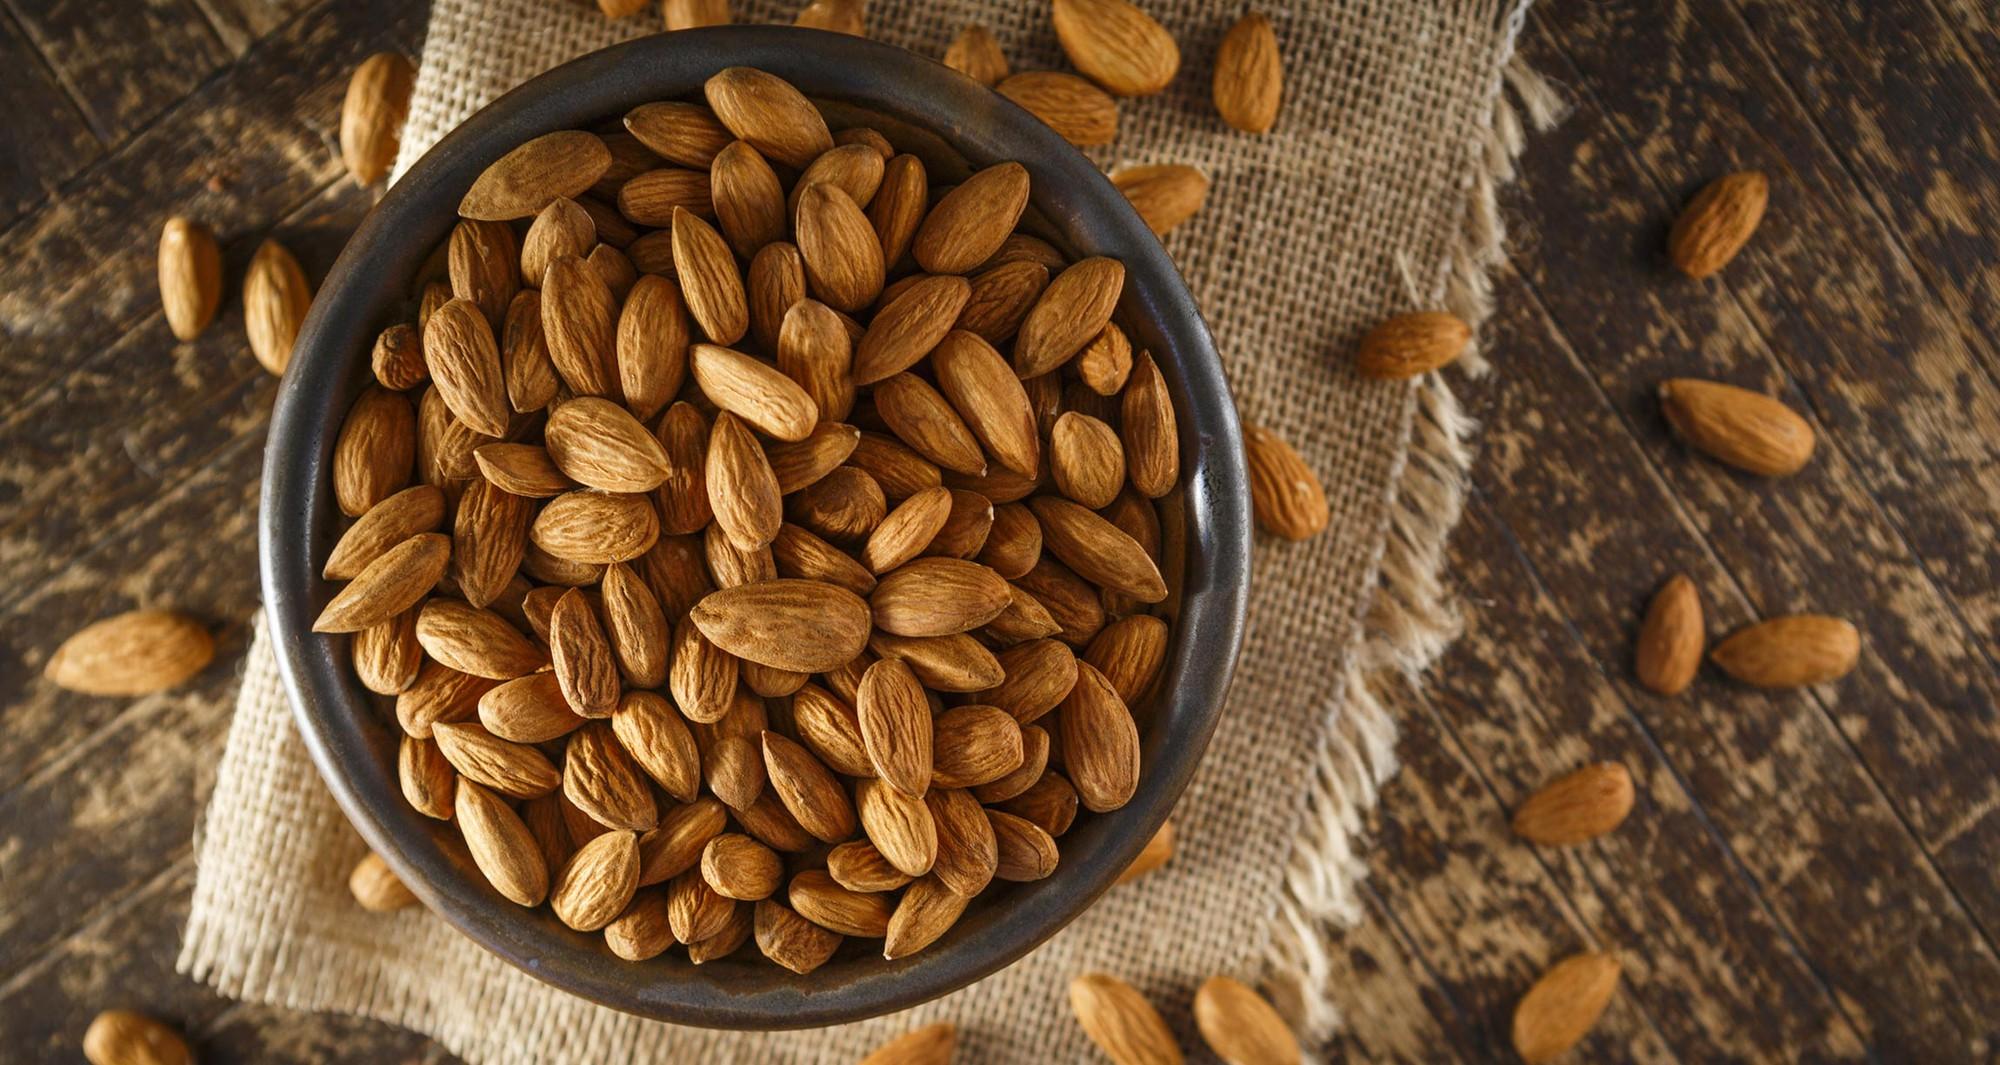 Duy trì một chế độ ăn kiêng khắt khe, rất có thể bạn đang thiếu hụt các chất dinh dưỡng sau - Ảnh 1.